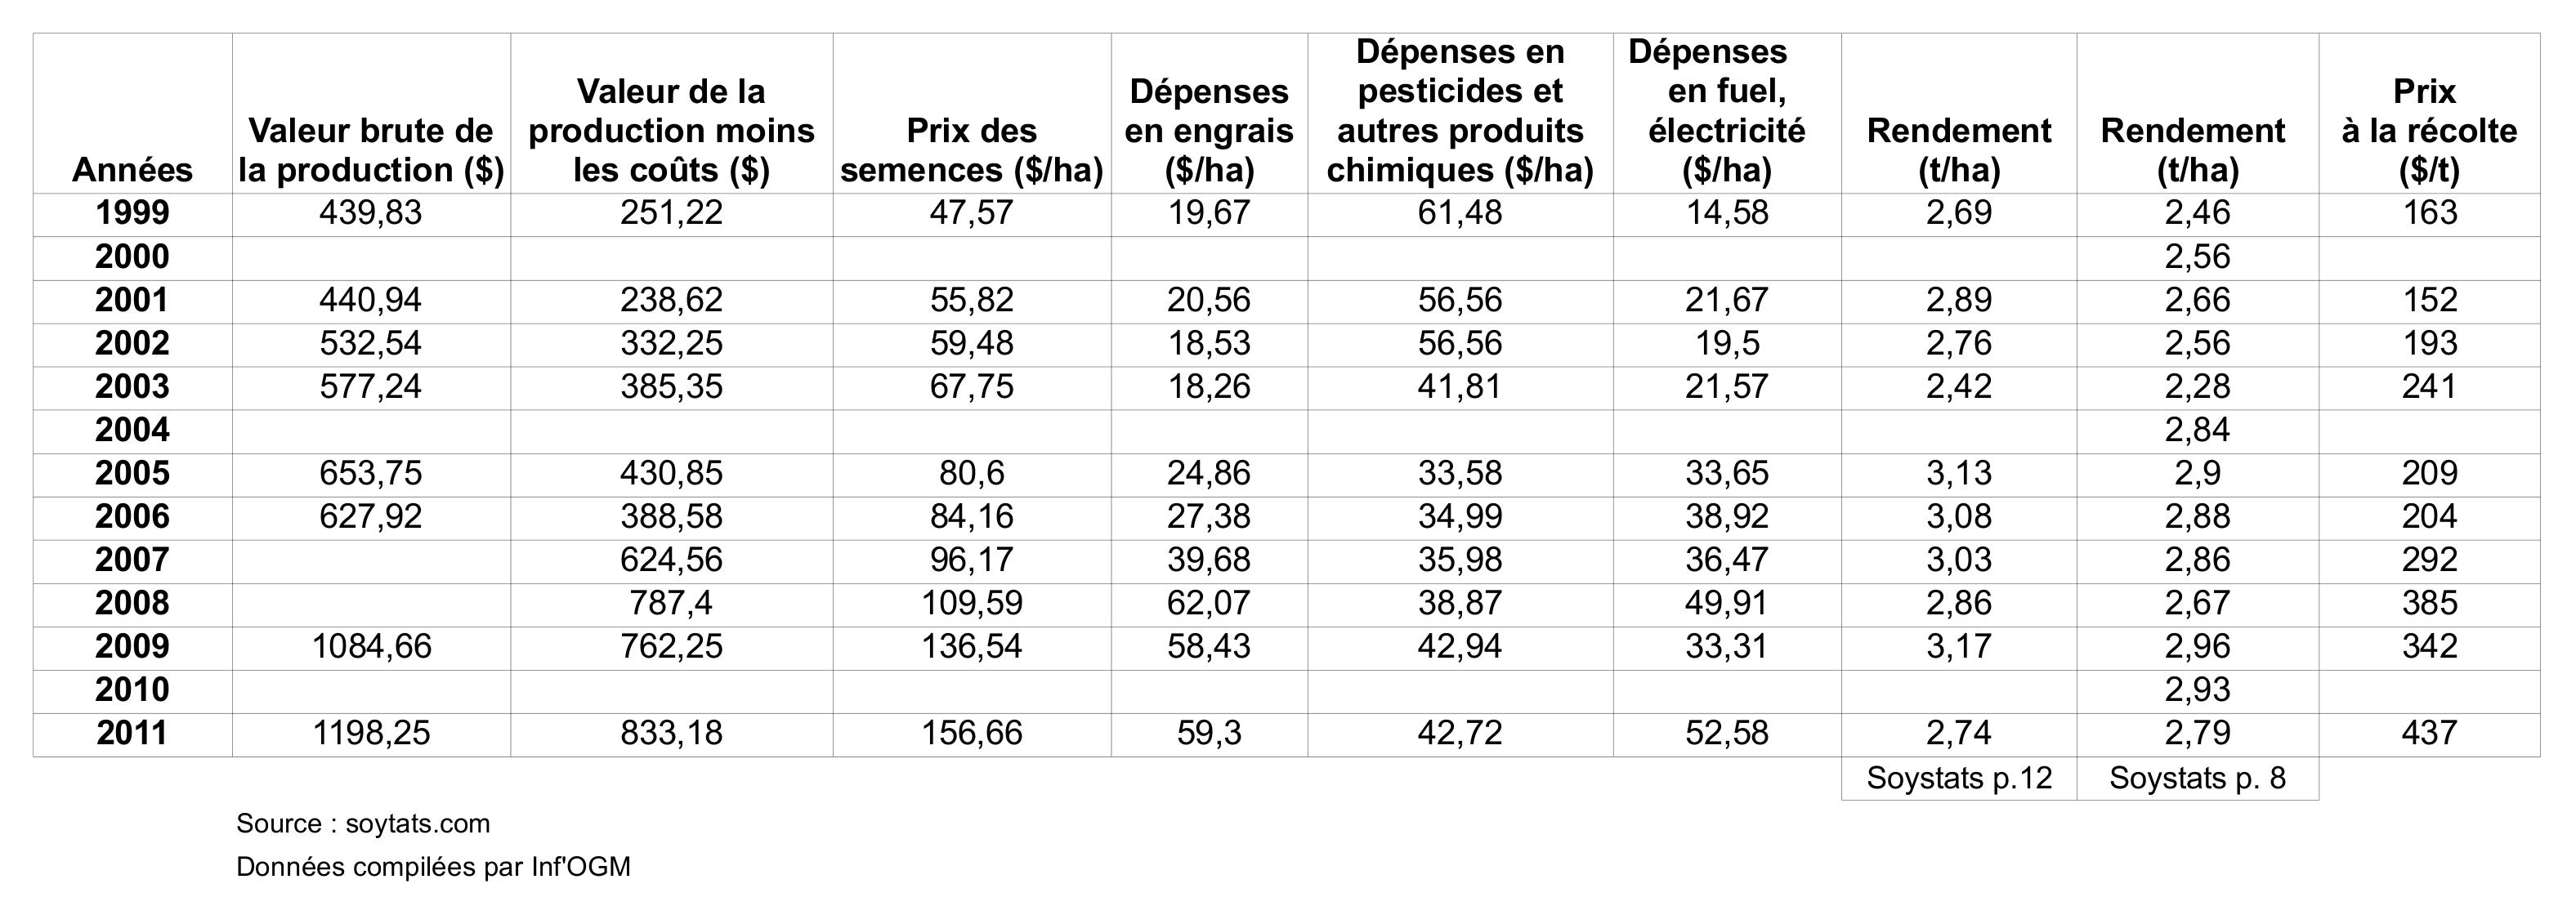 Etats unis la culture d ogm n a pas augment inf 39 ogm - Culture du soja en france ...